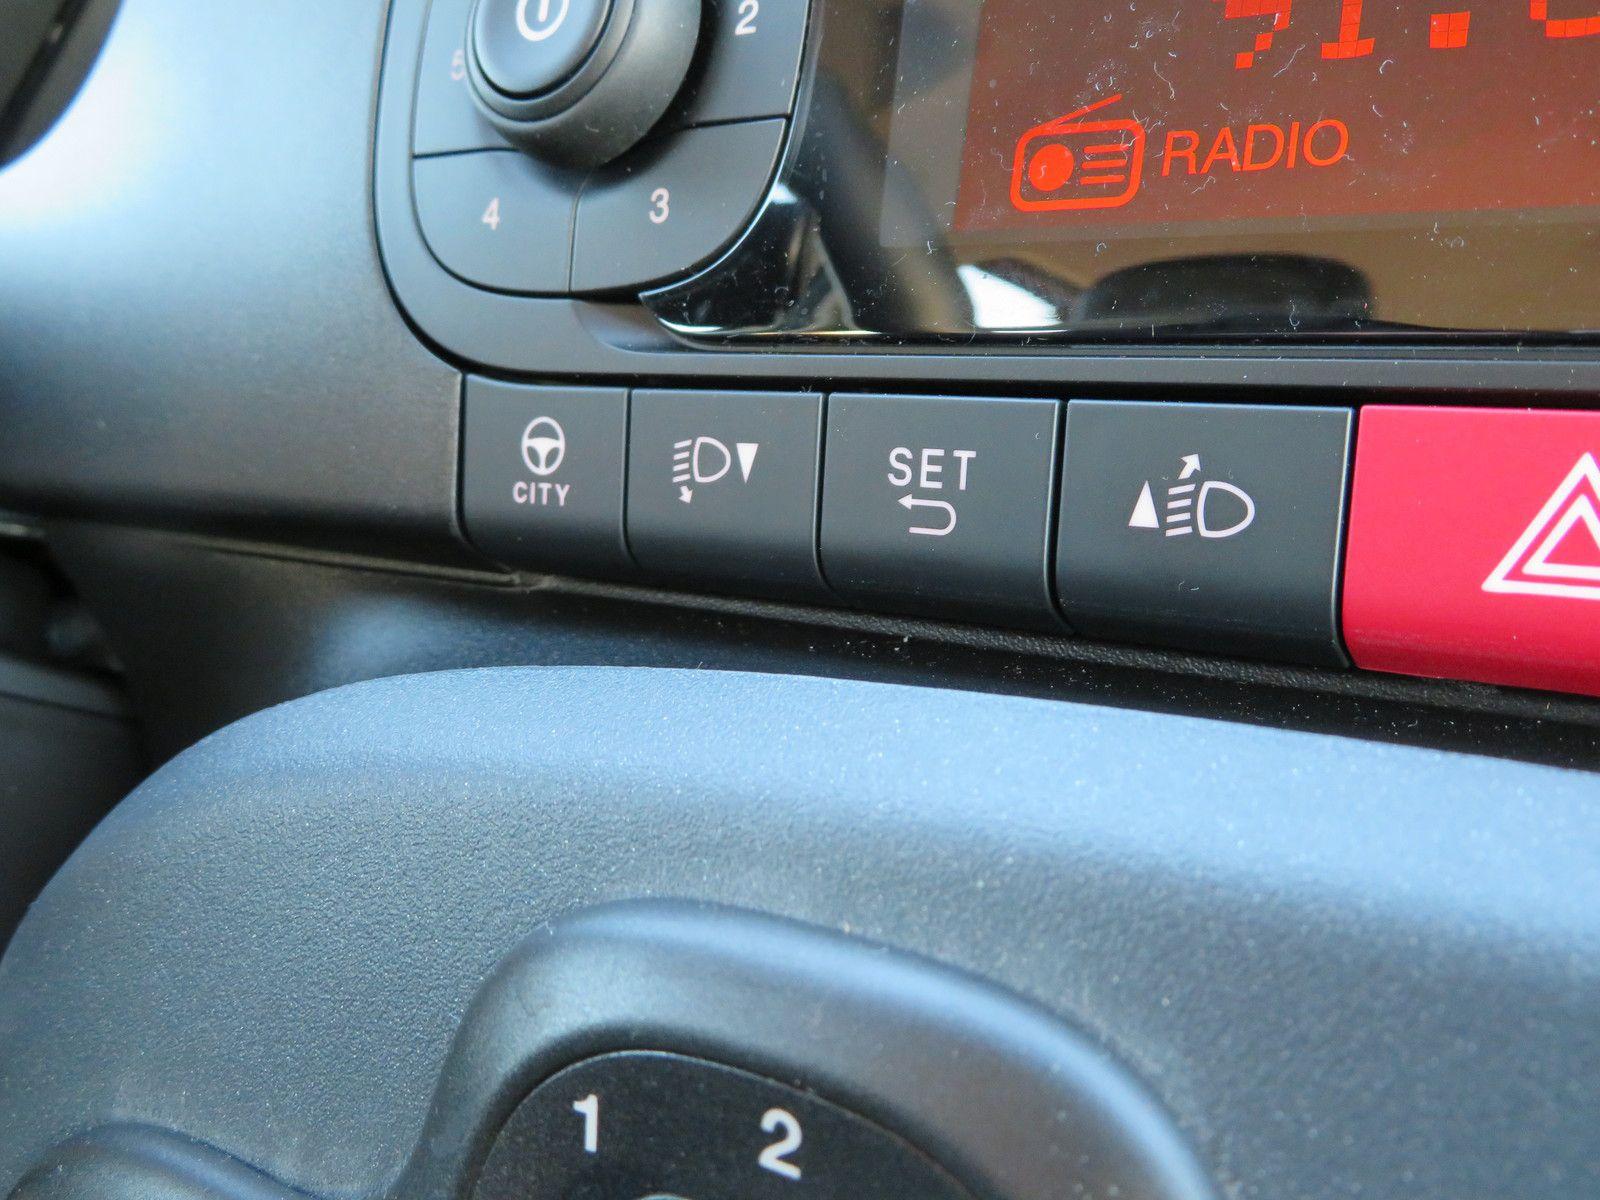 La Fonction City permet une surassistance de la direction qui n'en a pas réellement besoin tellement elle se montre légère en temps normal. Les boutons situés à droite permettent de régler un certain nombre de paramètres de l'ordinateur de bord.